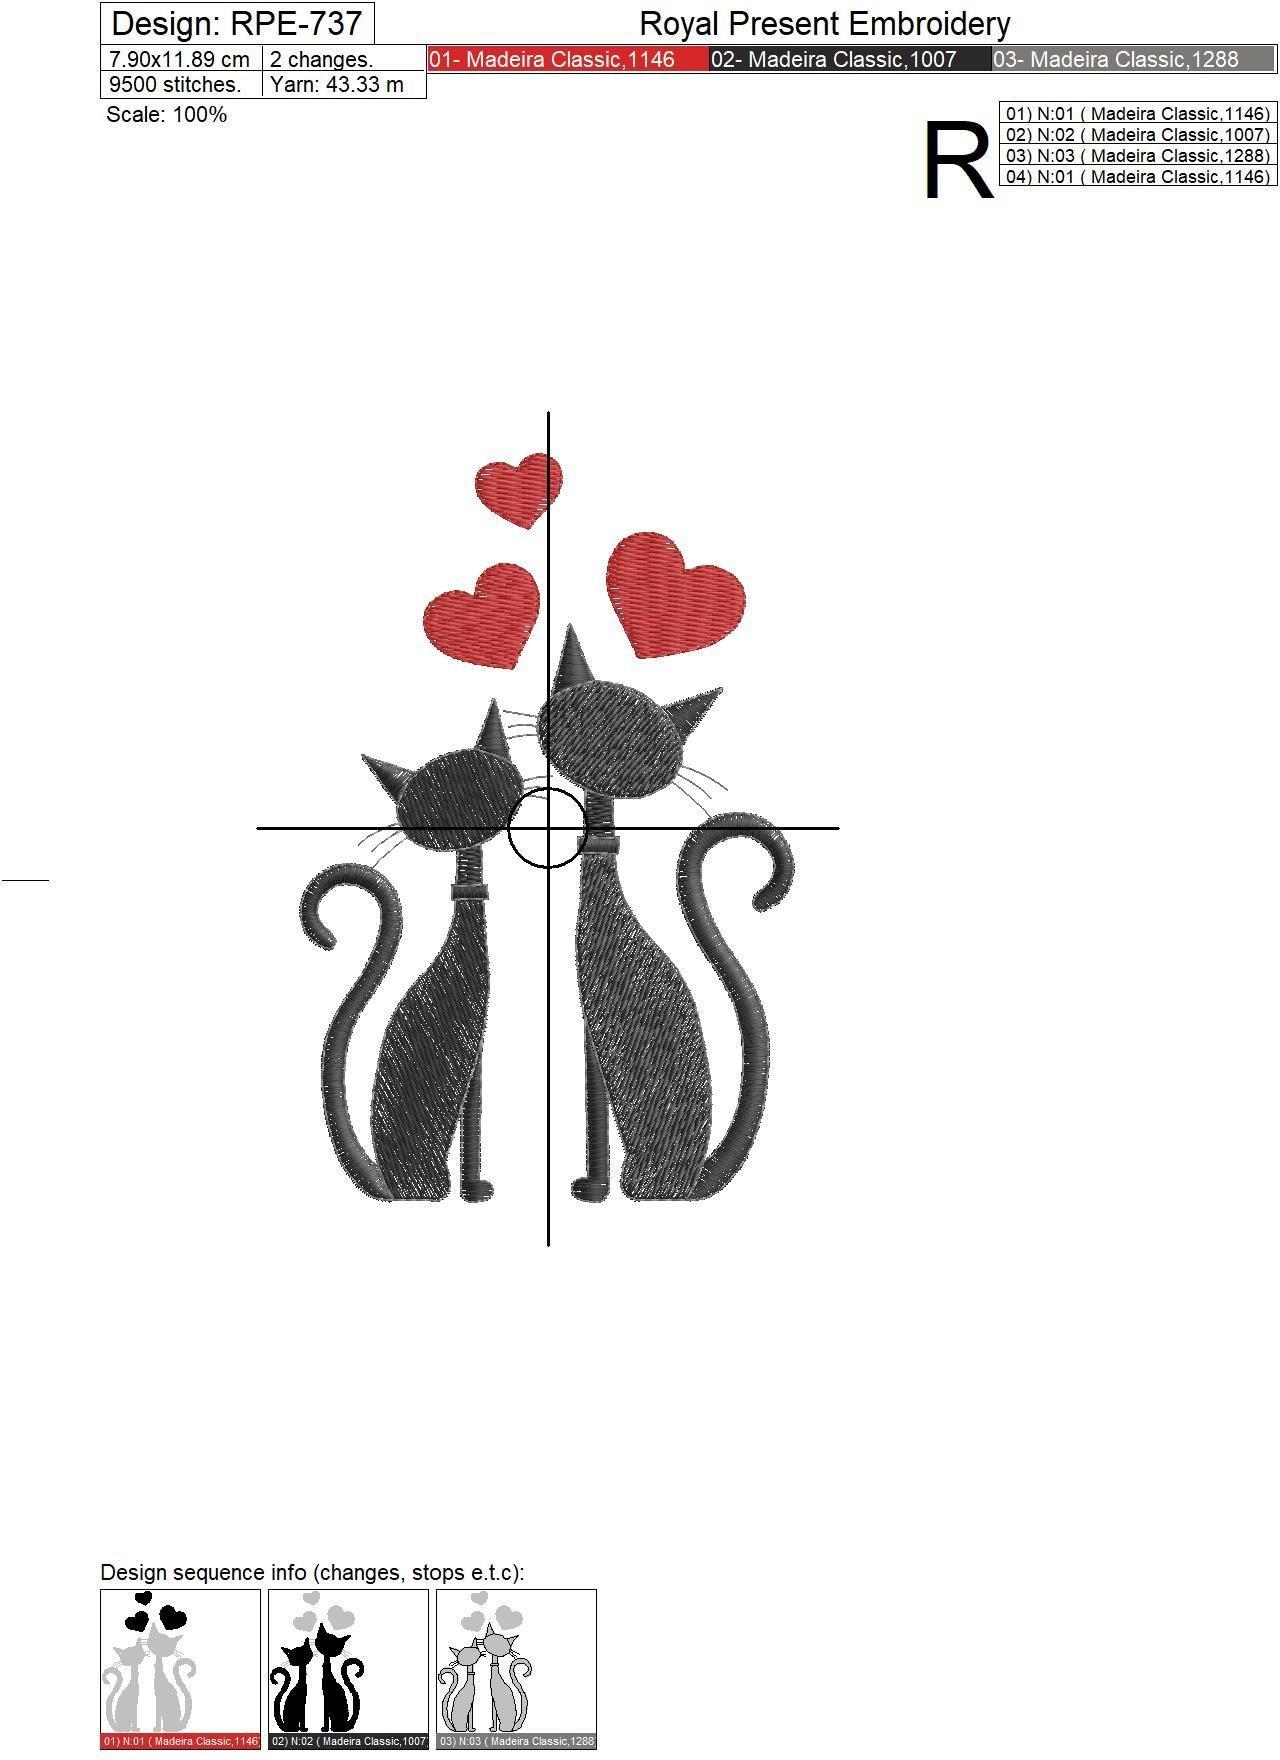 Дизайн машинной вышивки Влюбленные коты - 3 размера